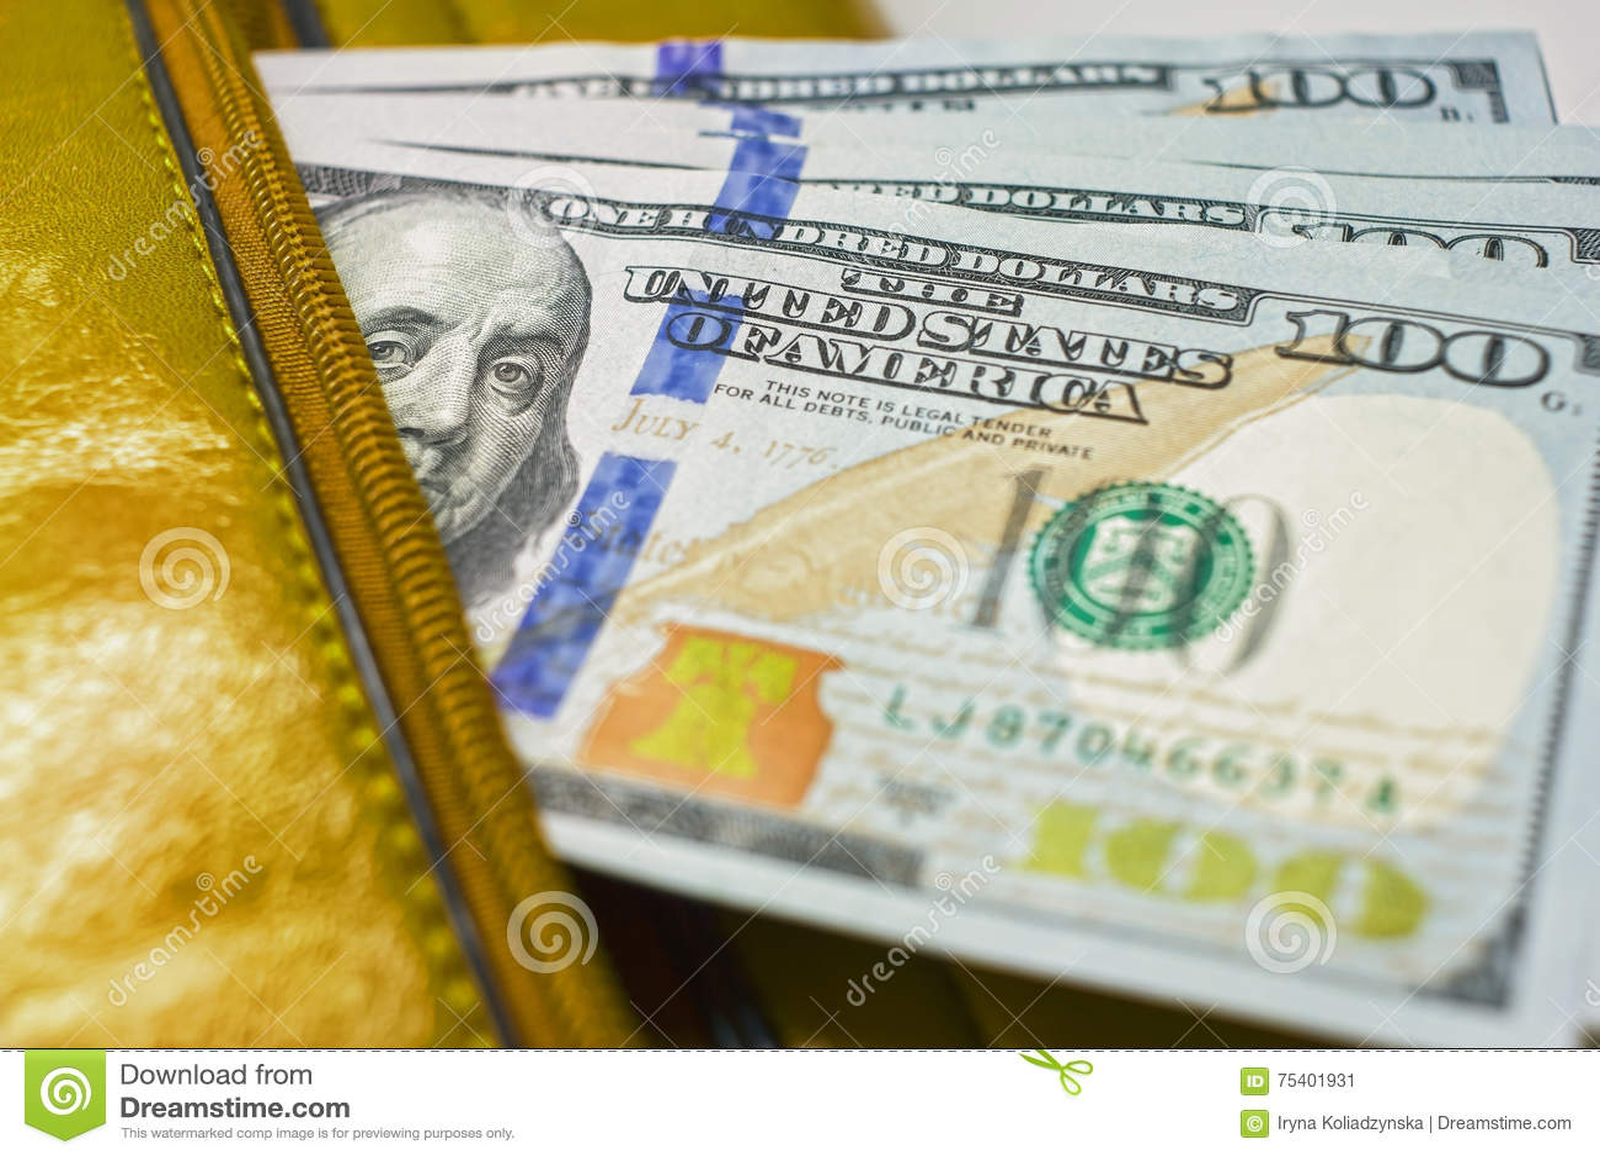 Dollaranmerkungen in einer Geldbörse, Hundertdollar-Rechnungen sind in einer Tasche,